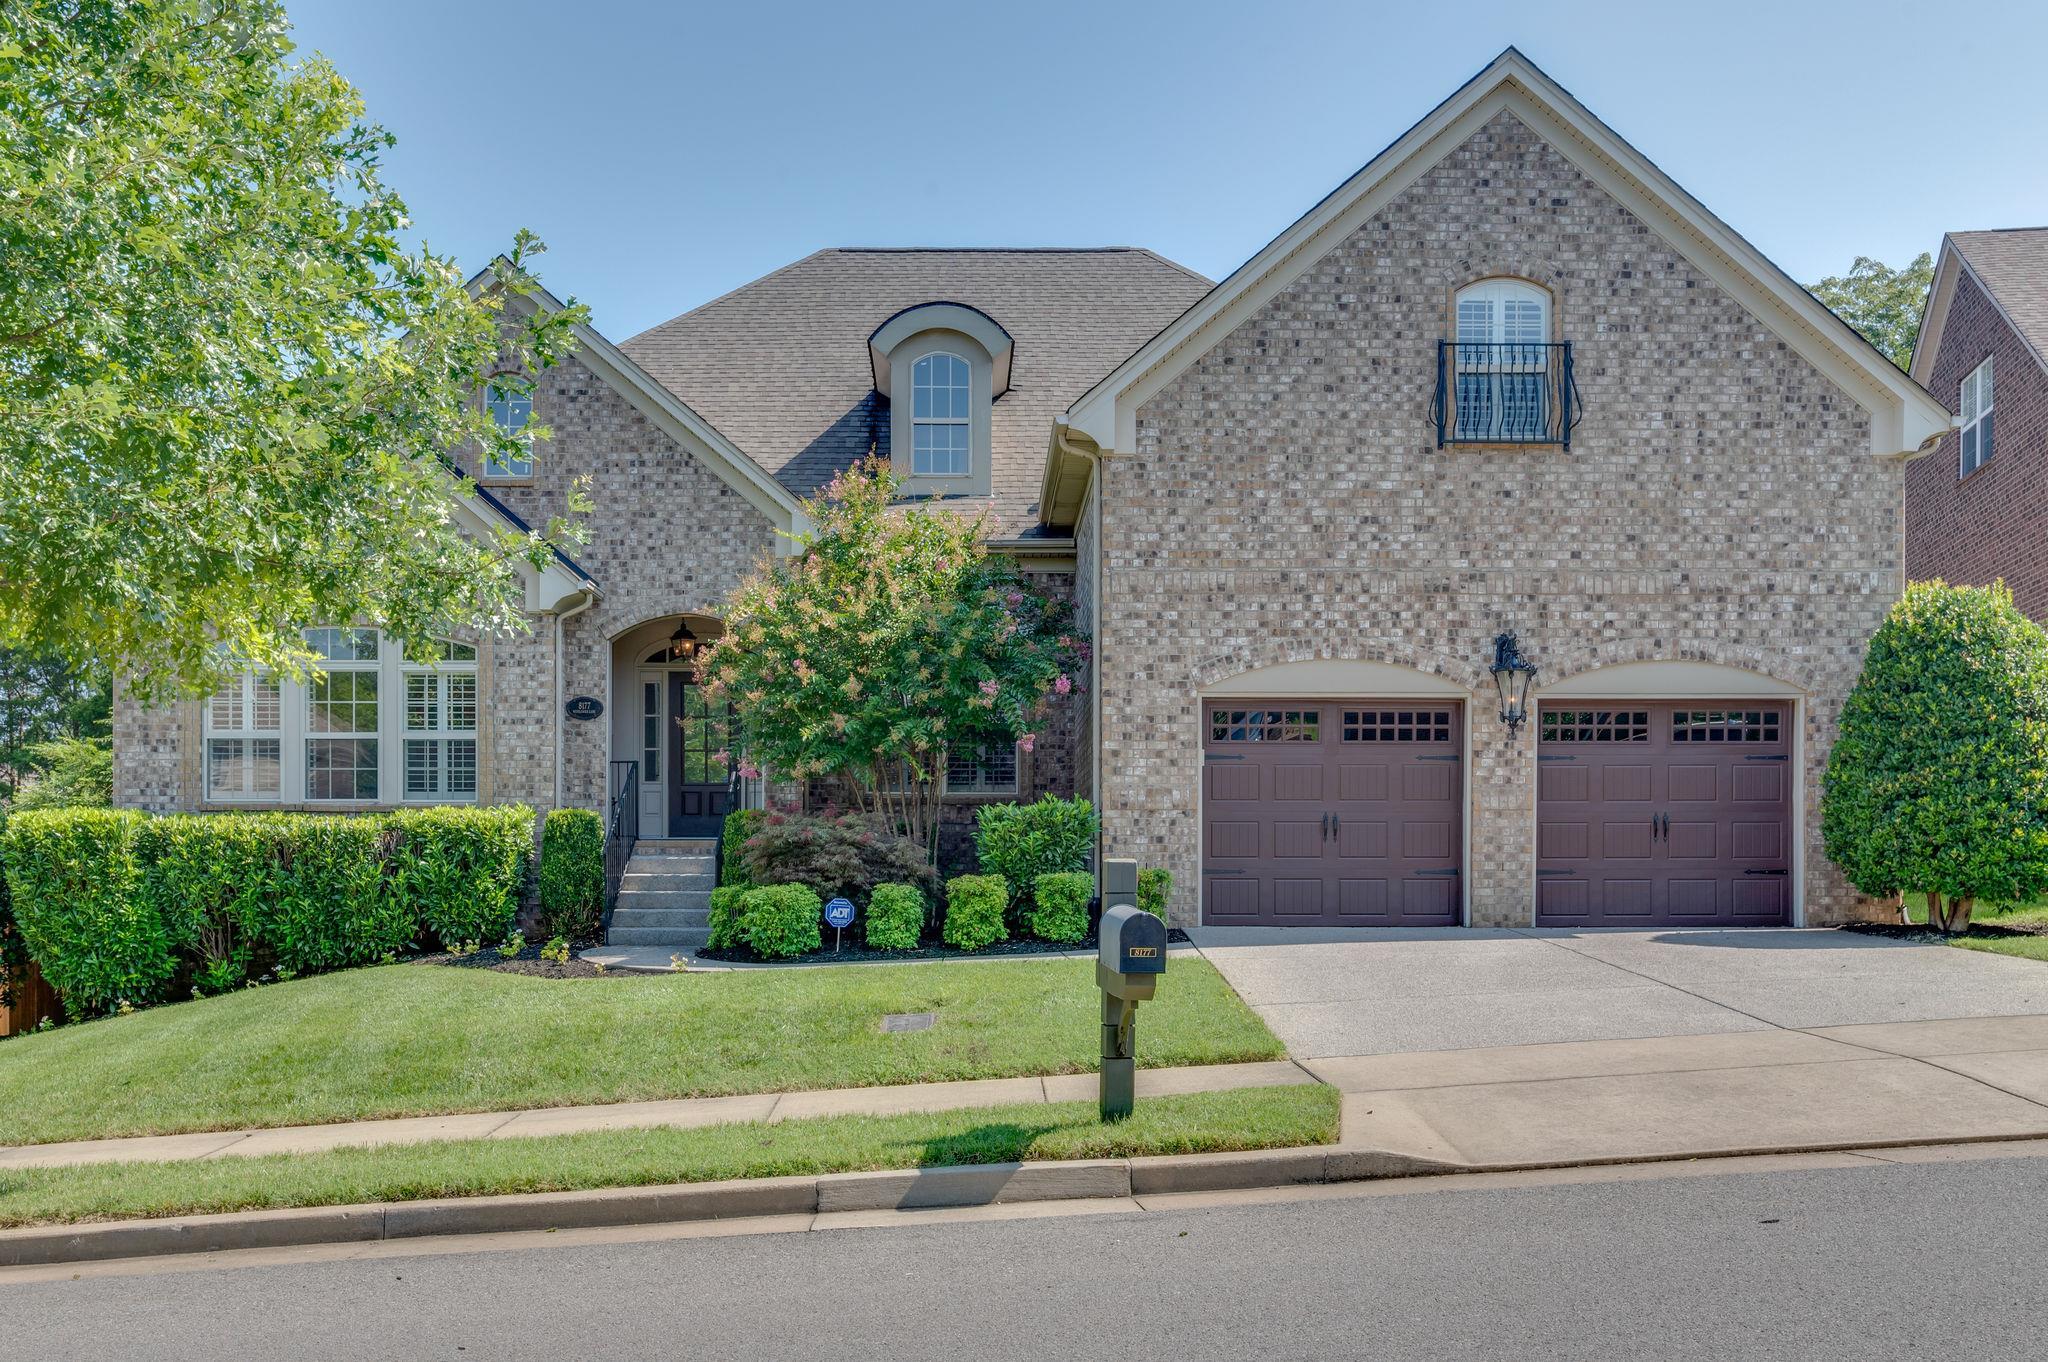 8177 Middlewick Ln, Nolensville, TN 37135 - Nolensville, TN real estate listing